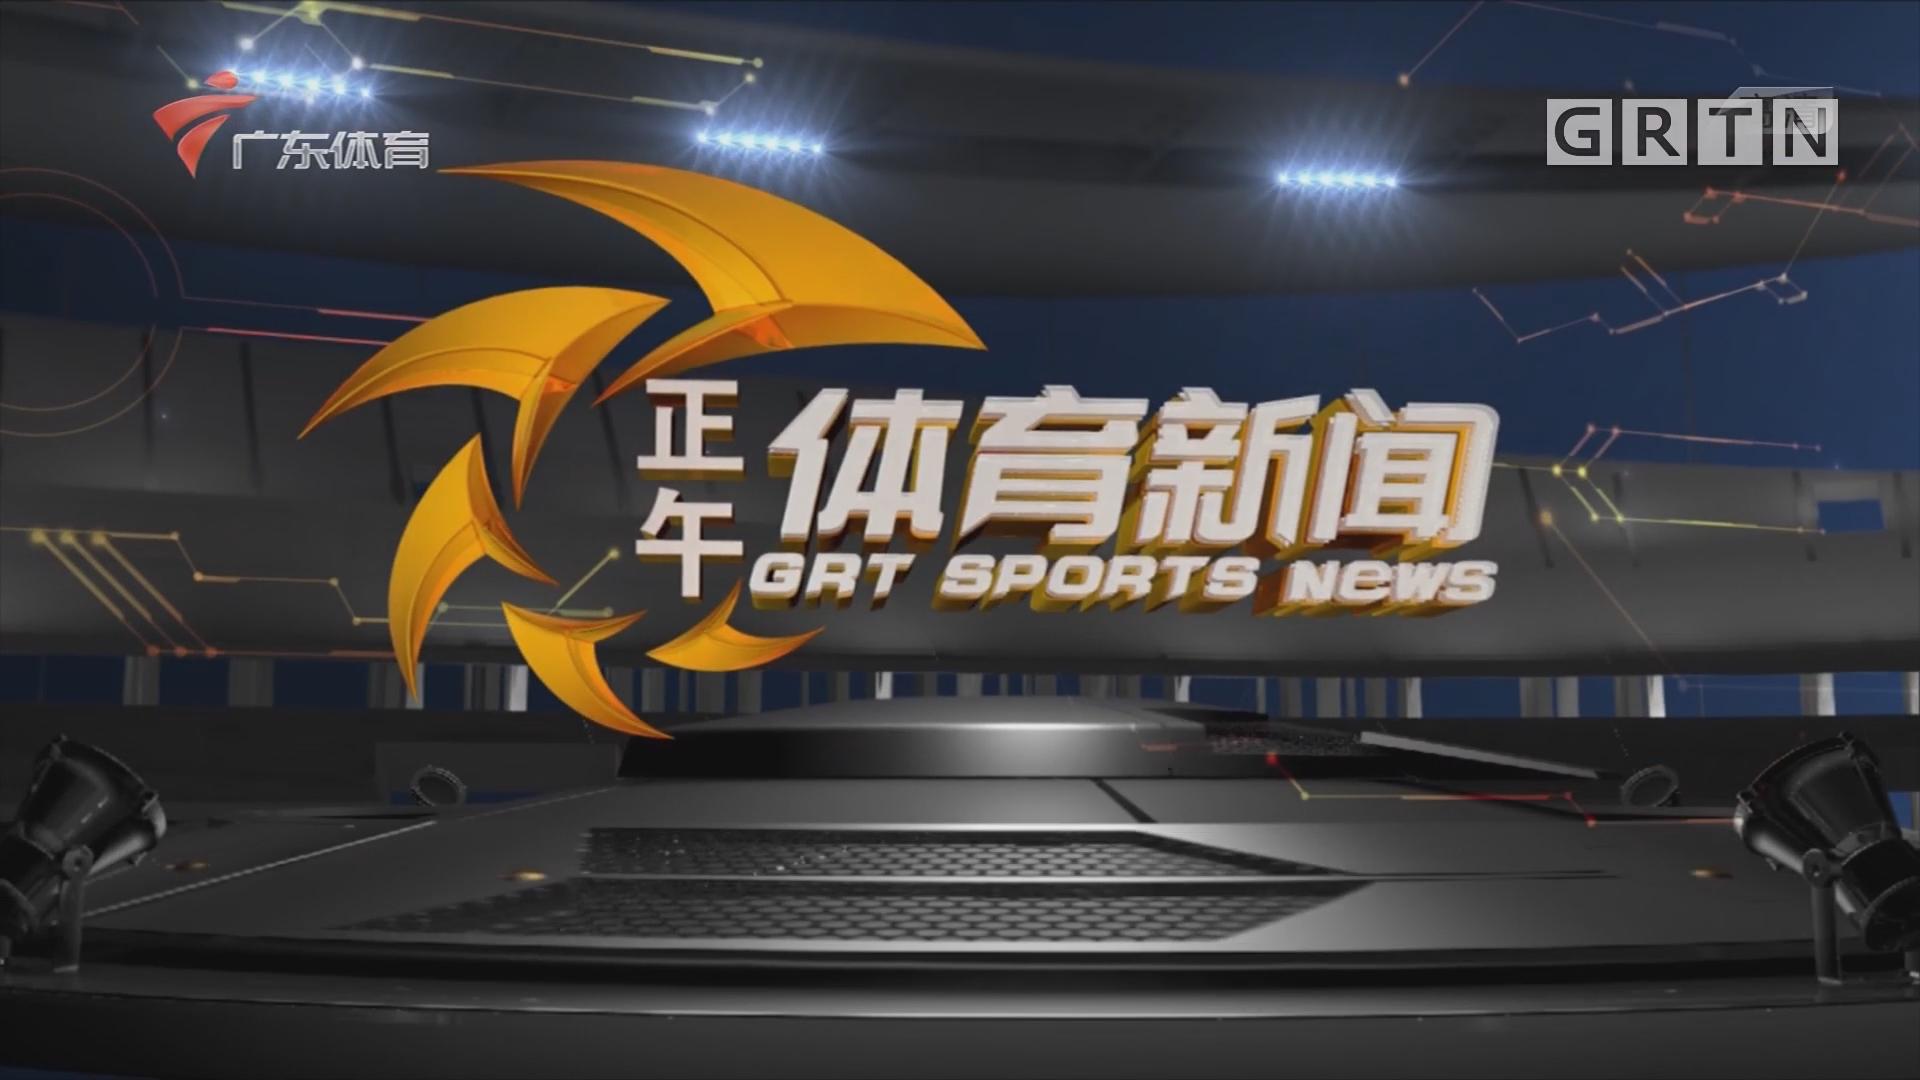 [HD][2020-02-24]正午体育新闻:武磊首发表现平平 十人西班牙不敌巴拉多利德